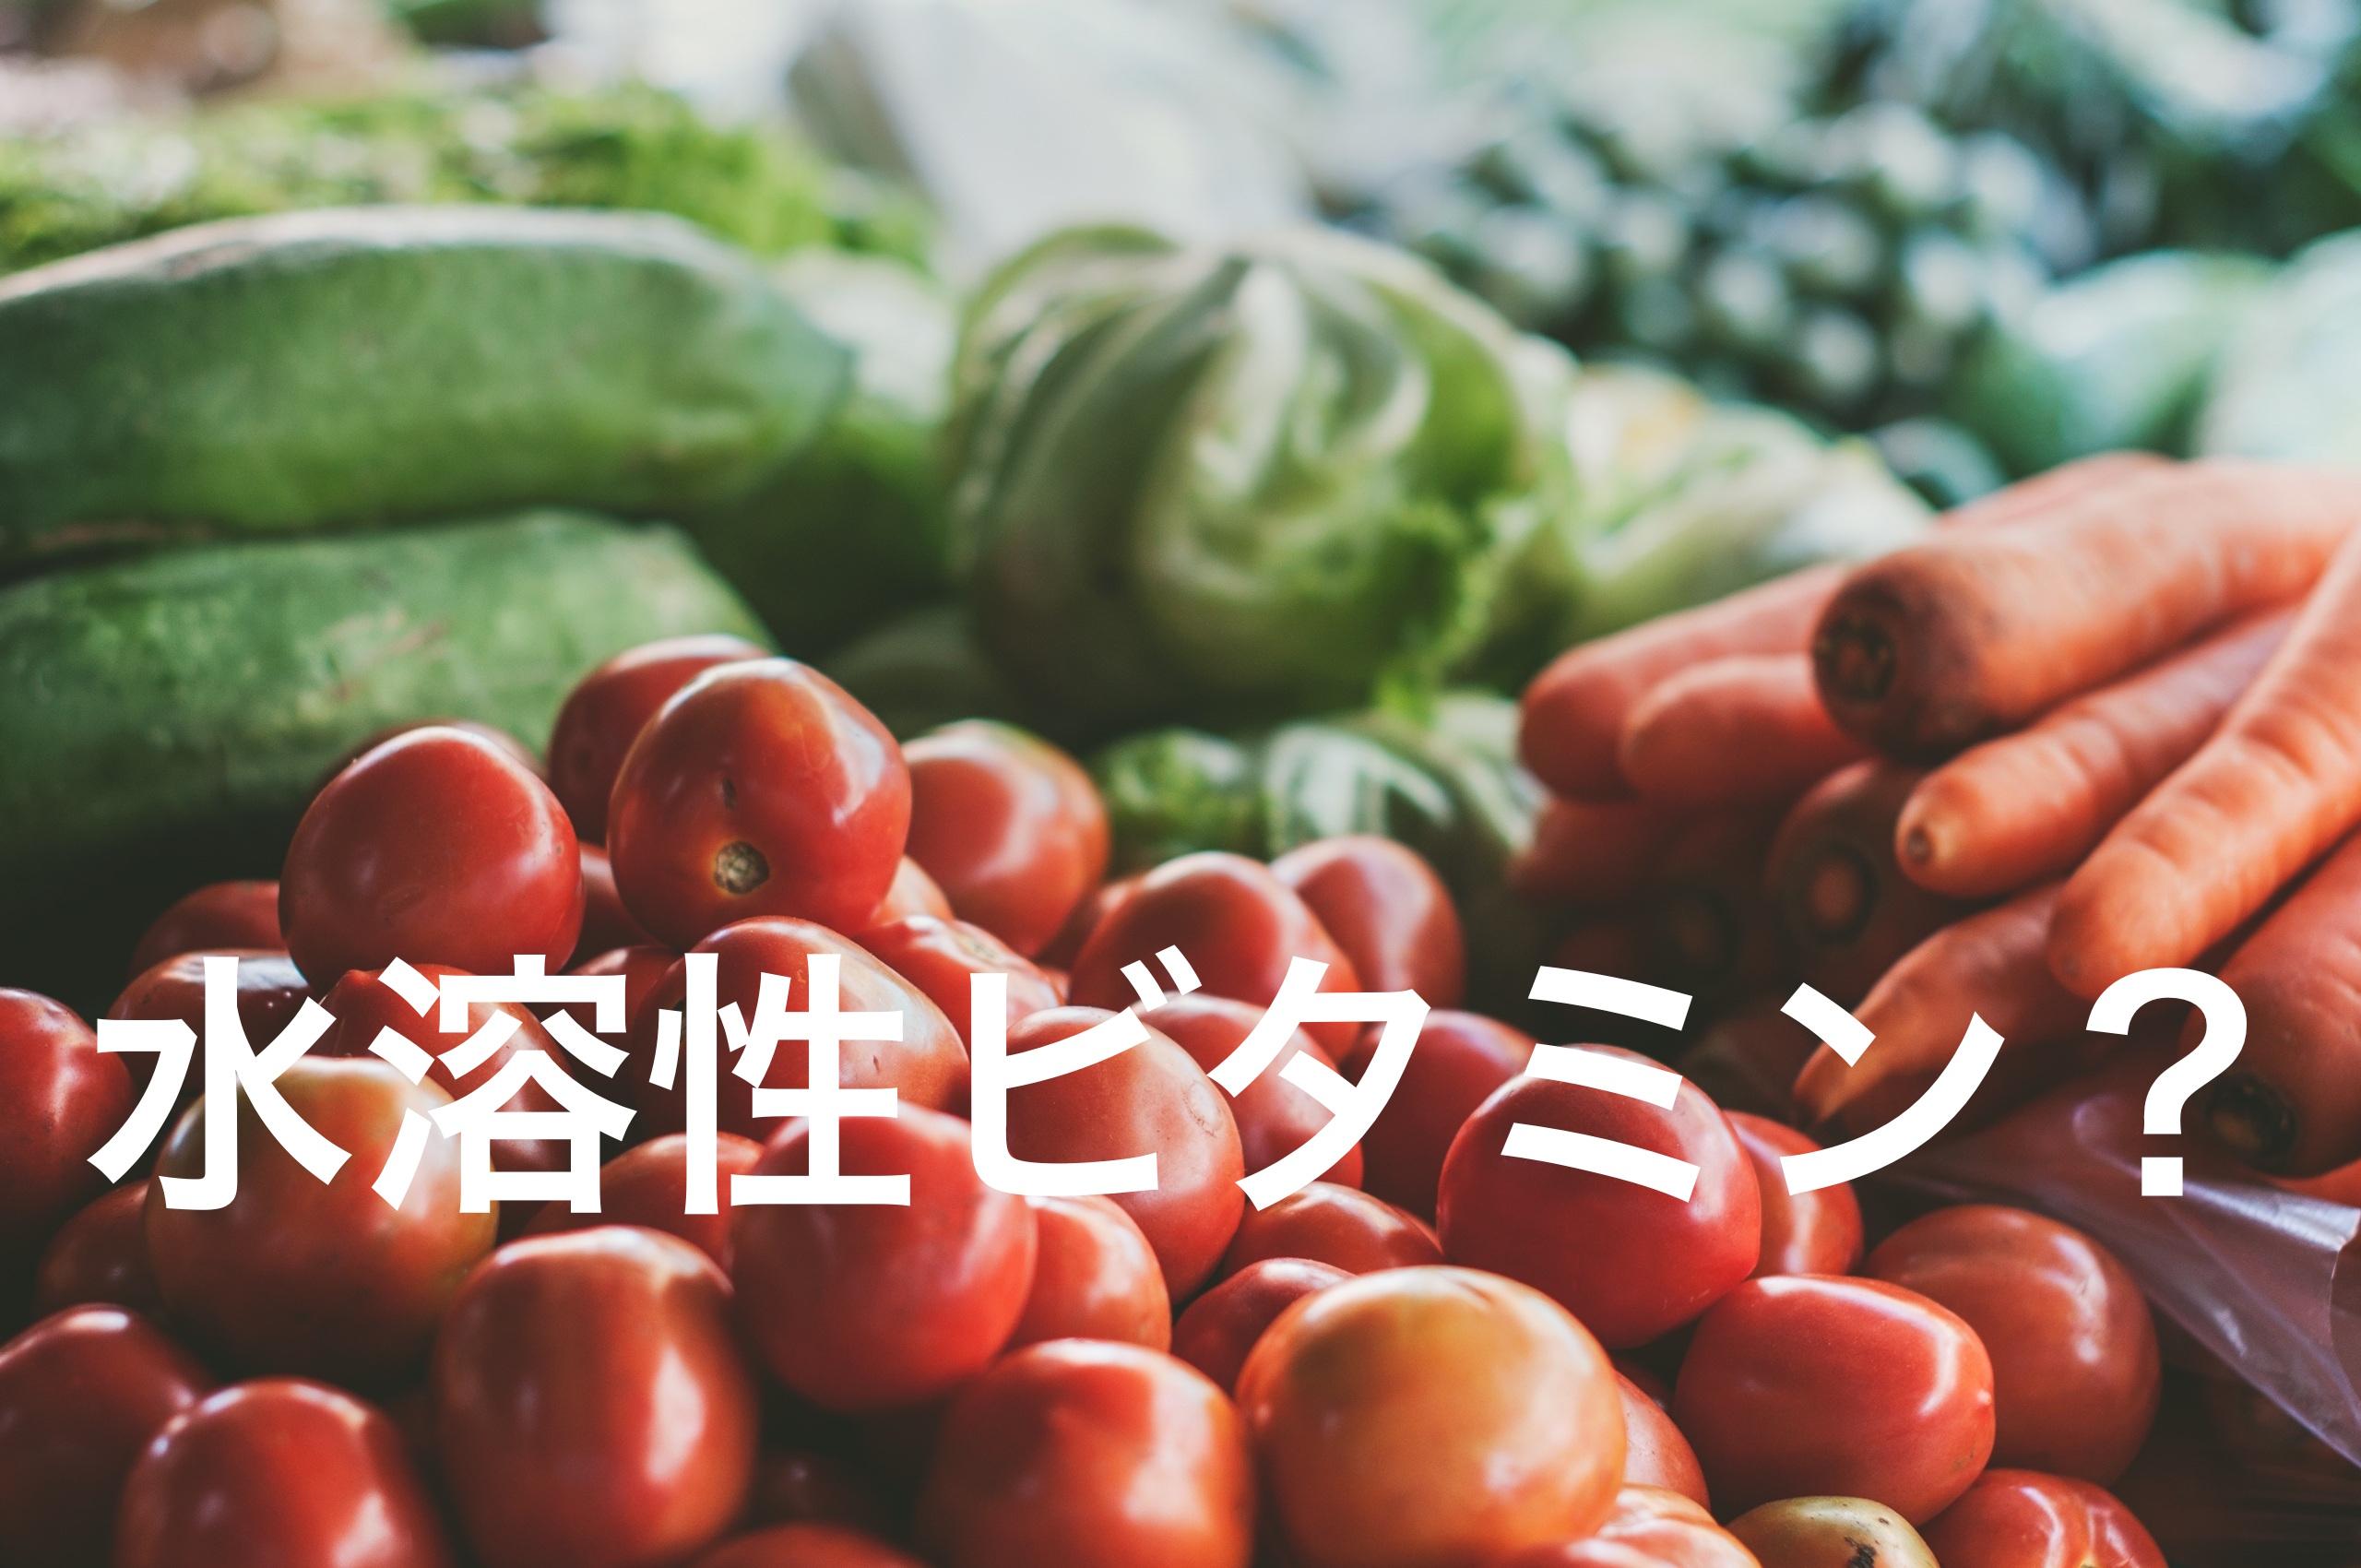 vegetables-1149006